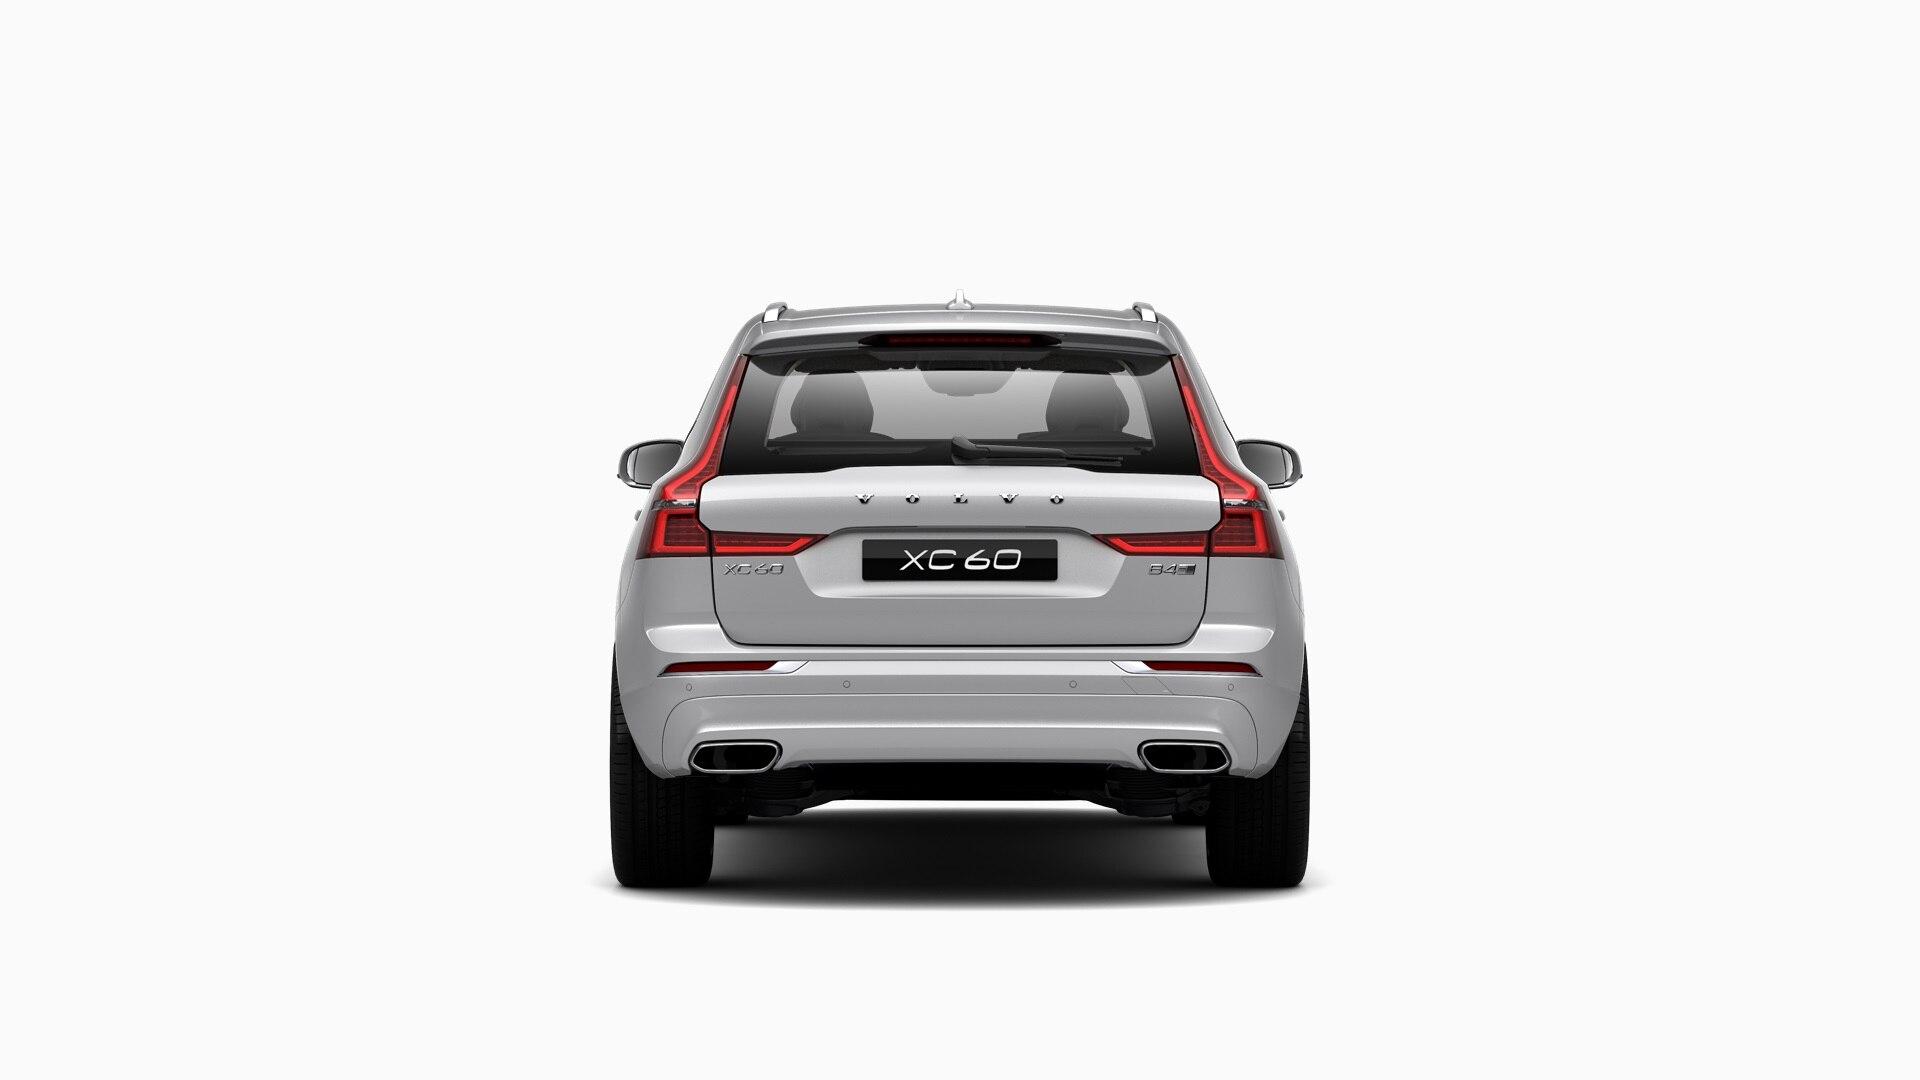 Volvo XC60 autoliising | Sixt Leasing